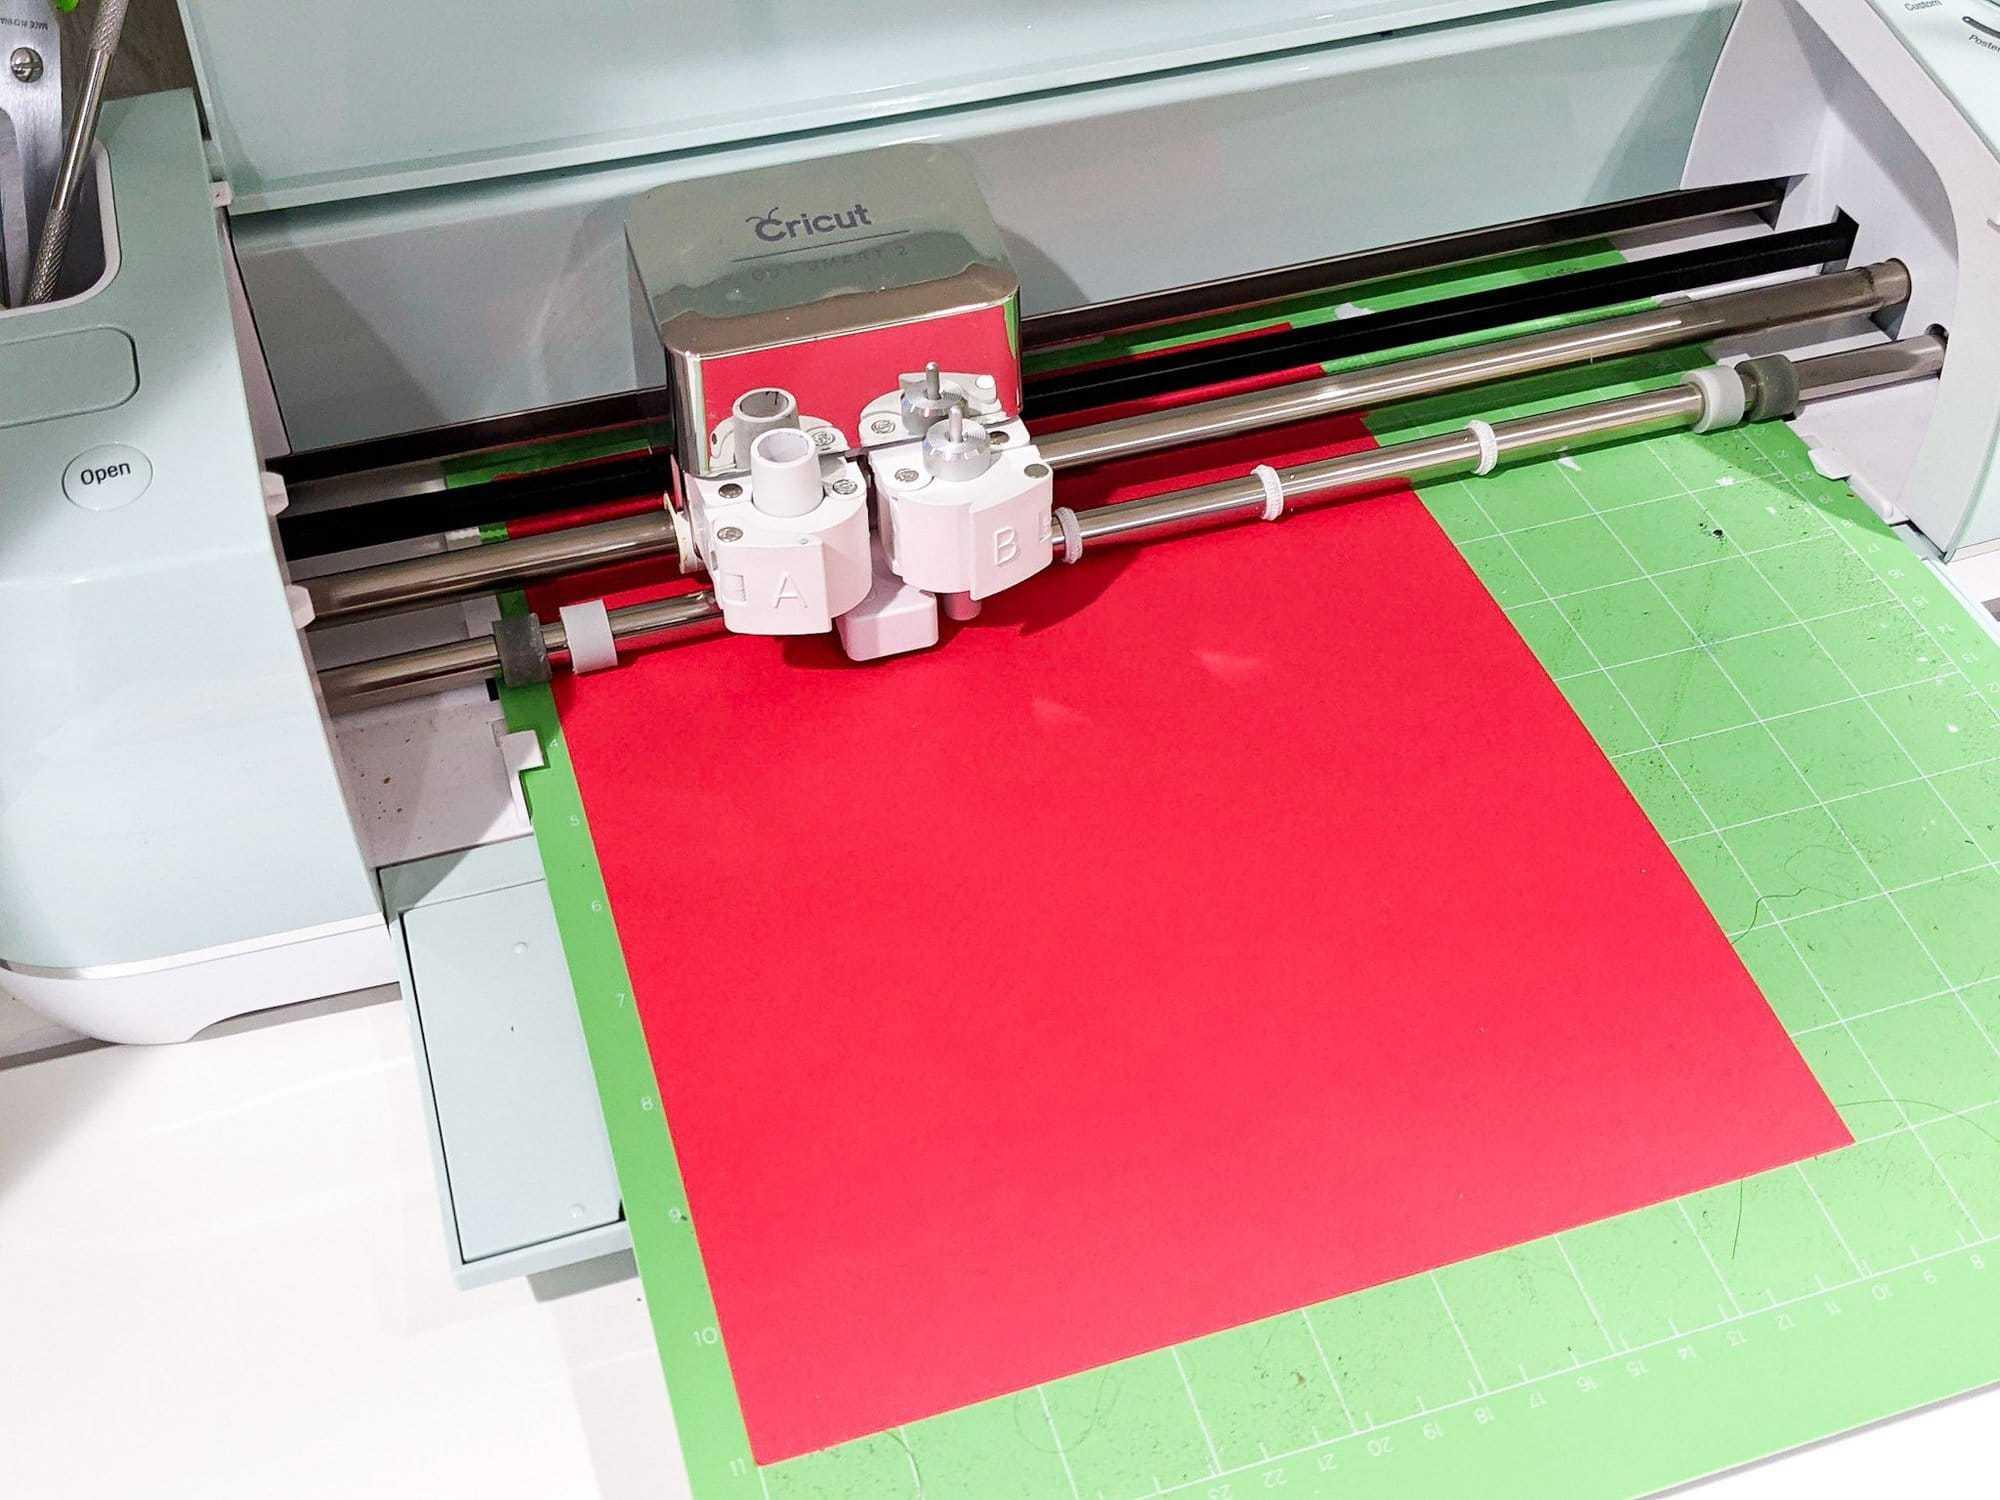 cutting paper flower template using a cricut machine